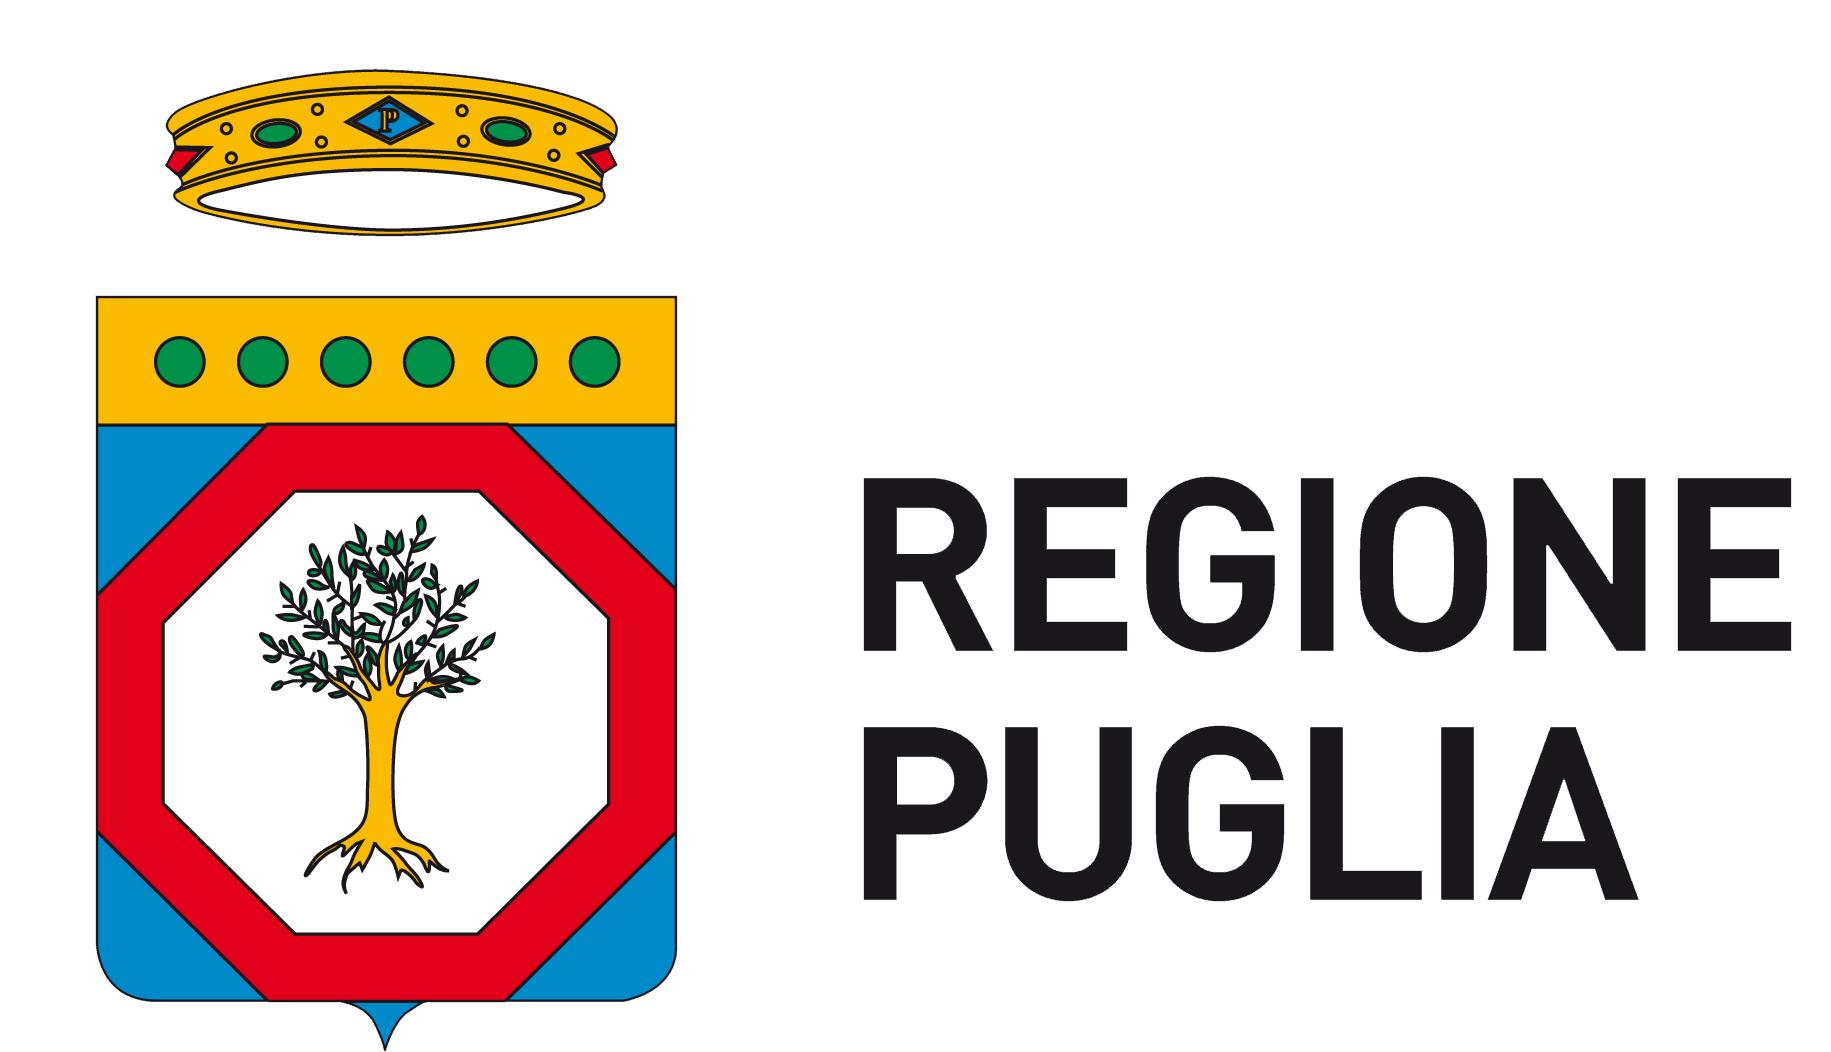 Regione Puglia - Sezione Ricerca, Innovazione e Capacità Istituzionale